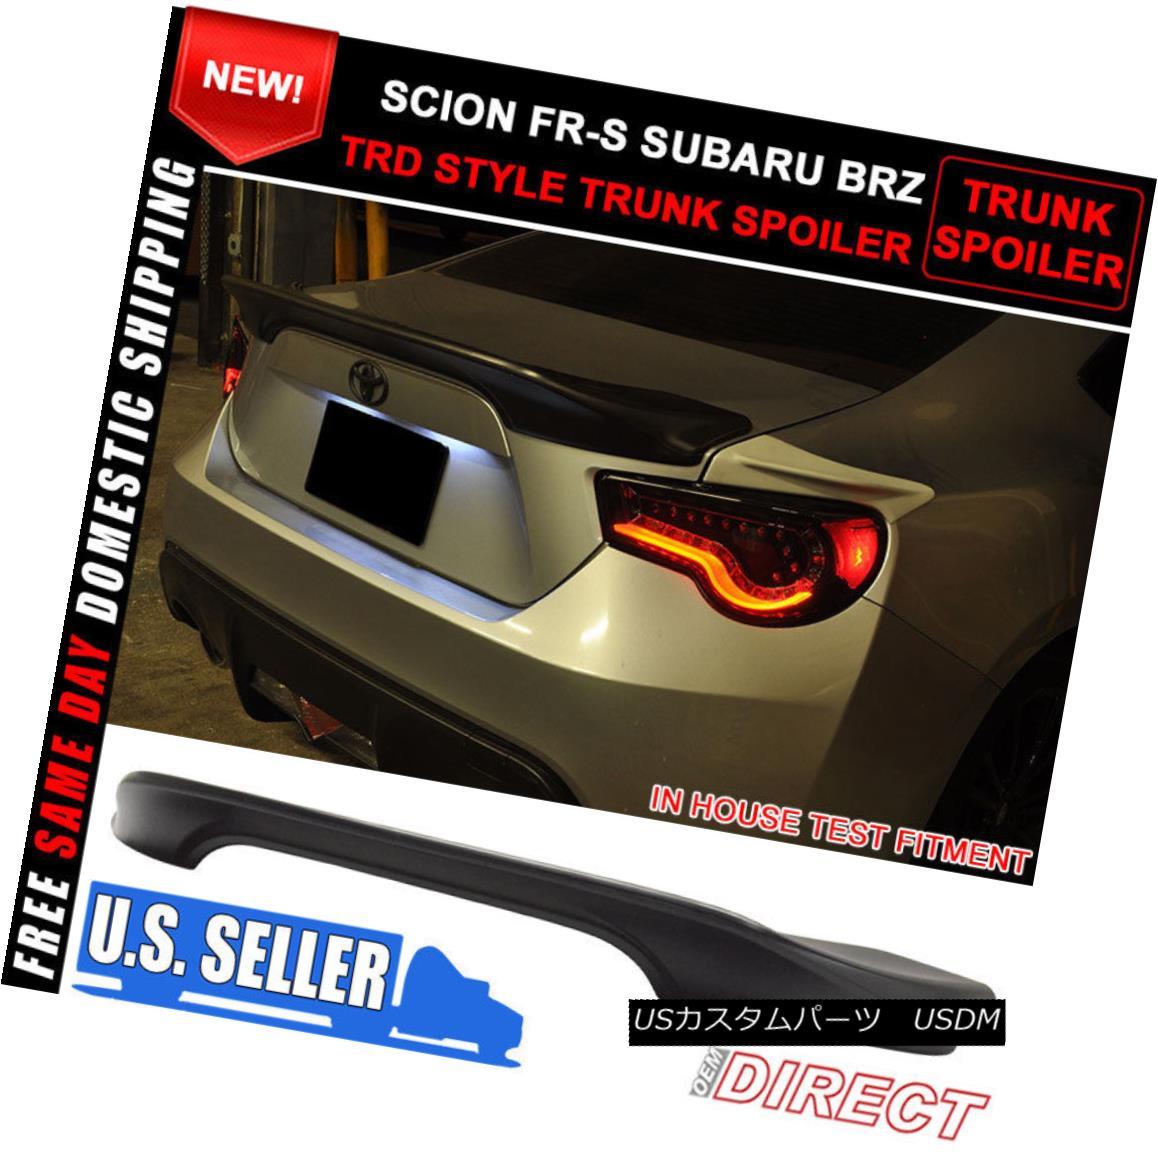 エアロパーツ Fits 13-17 Scion FRS GT86 Subaru BRZ Tr Style Trunk Spoiler ABS Lid ABS フィット13-17サイオンFRS GT86スバルBRZ TrスタイルトランクスポイラーABS蓋ABS